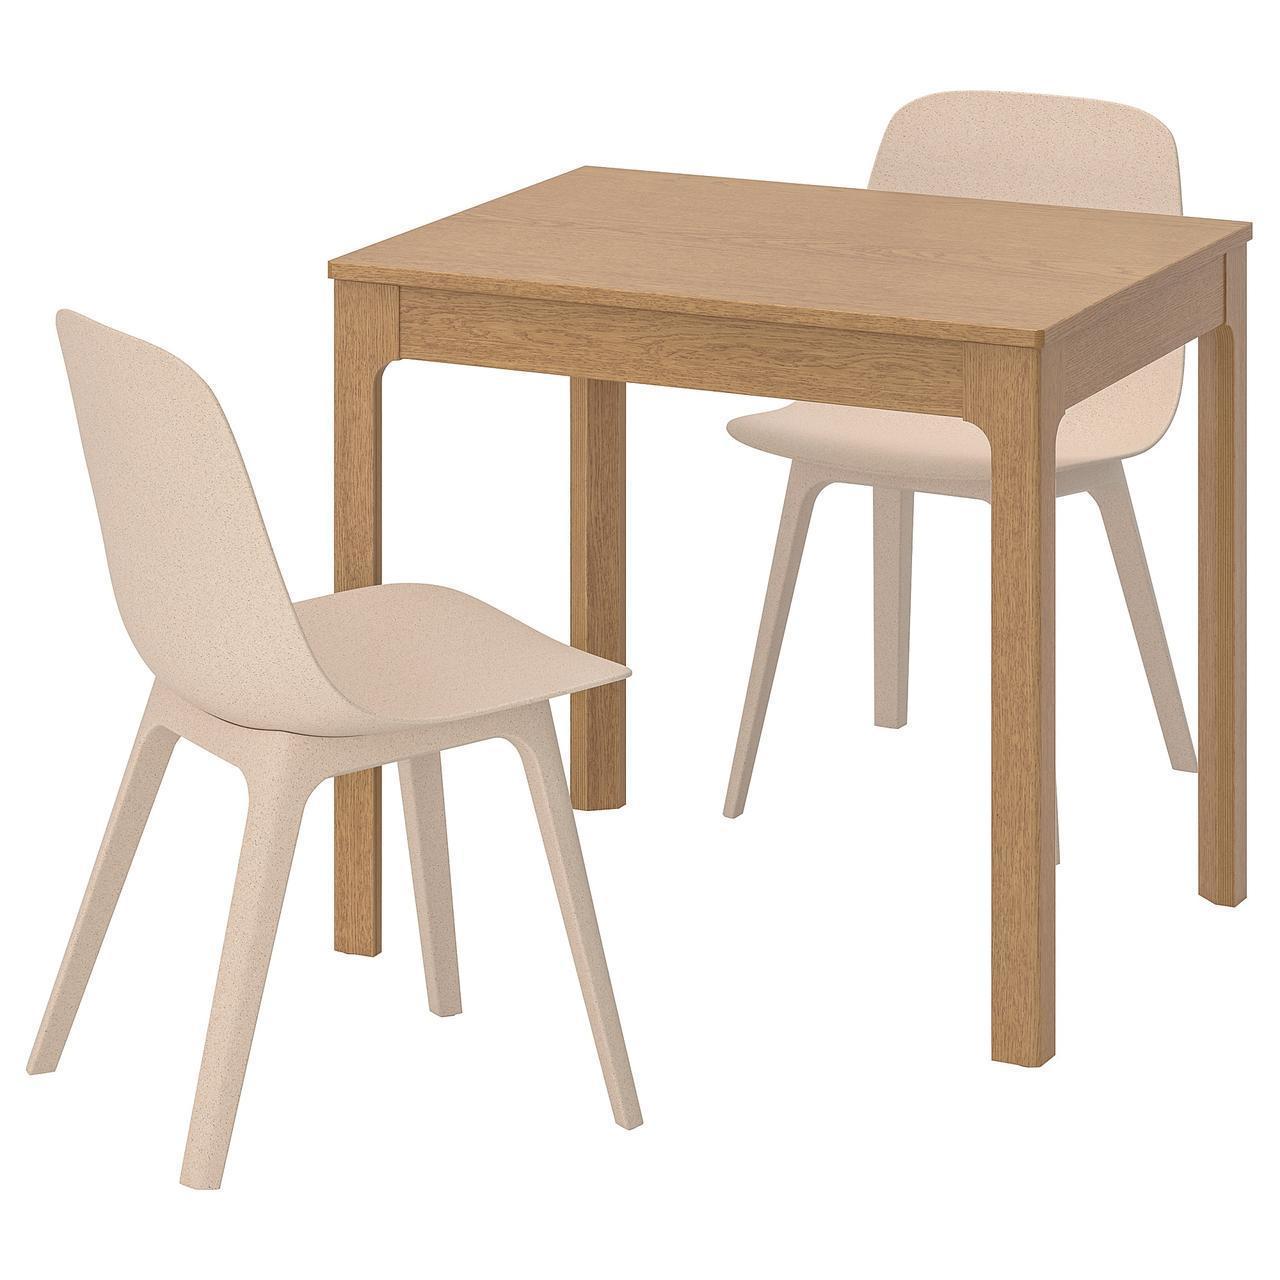 Комплект для кухни (стол и 2 стула) IKEA EKEDALEN / ODGER 80/120 см коричневый бежевый 492.214.01